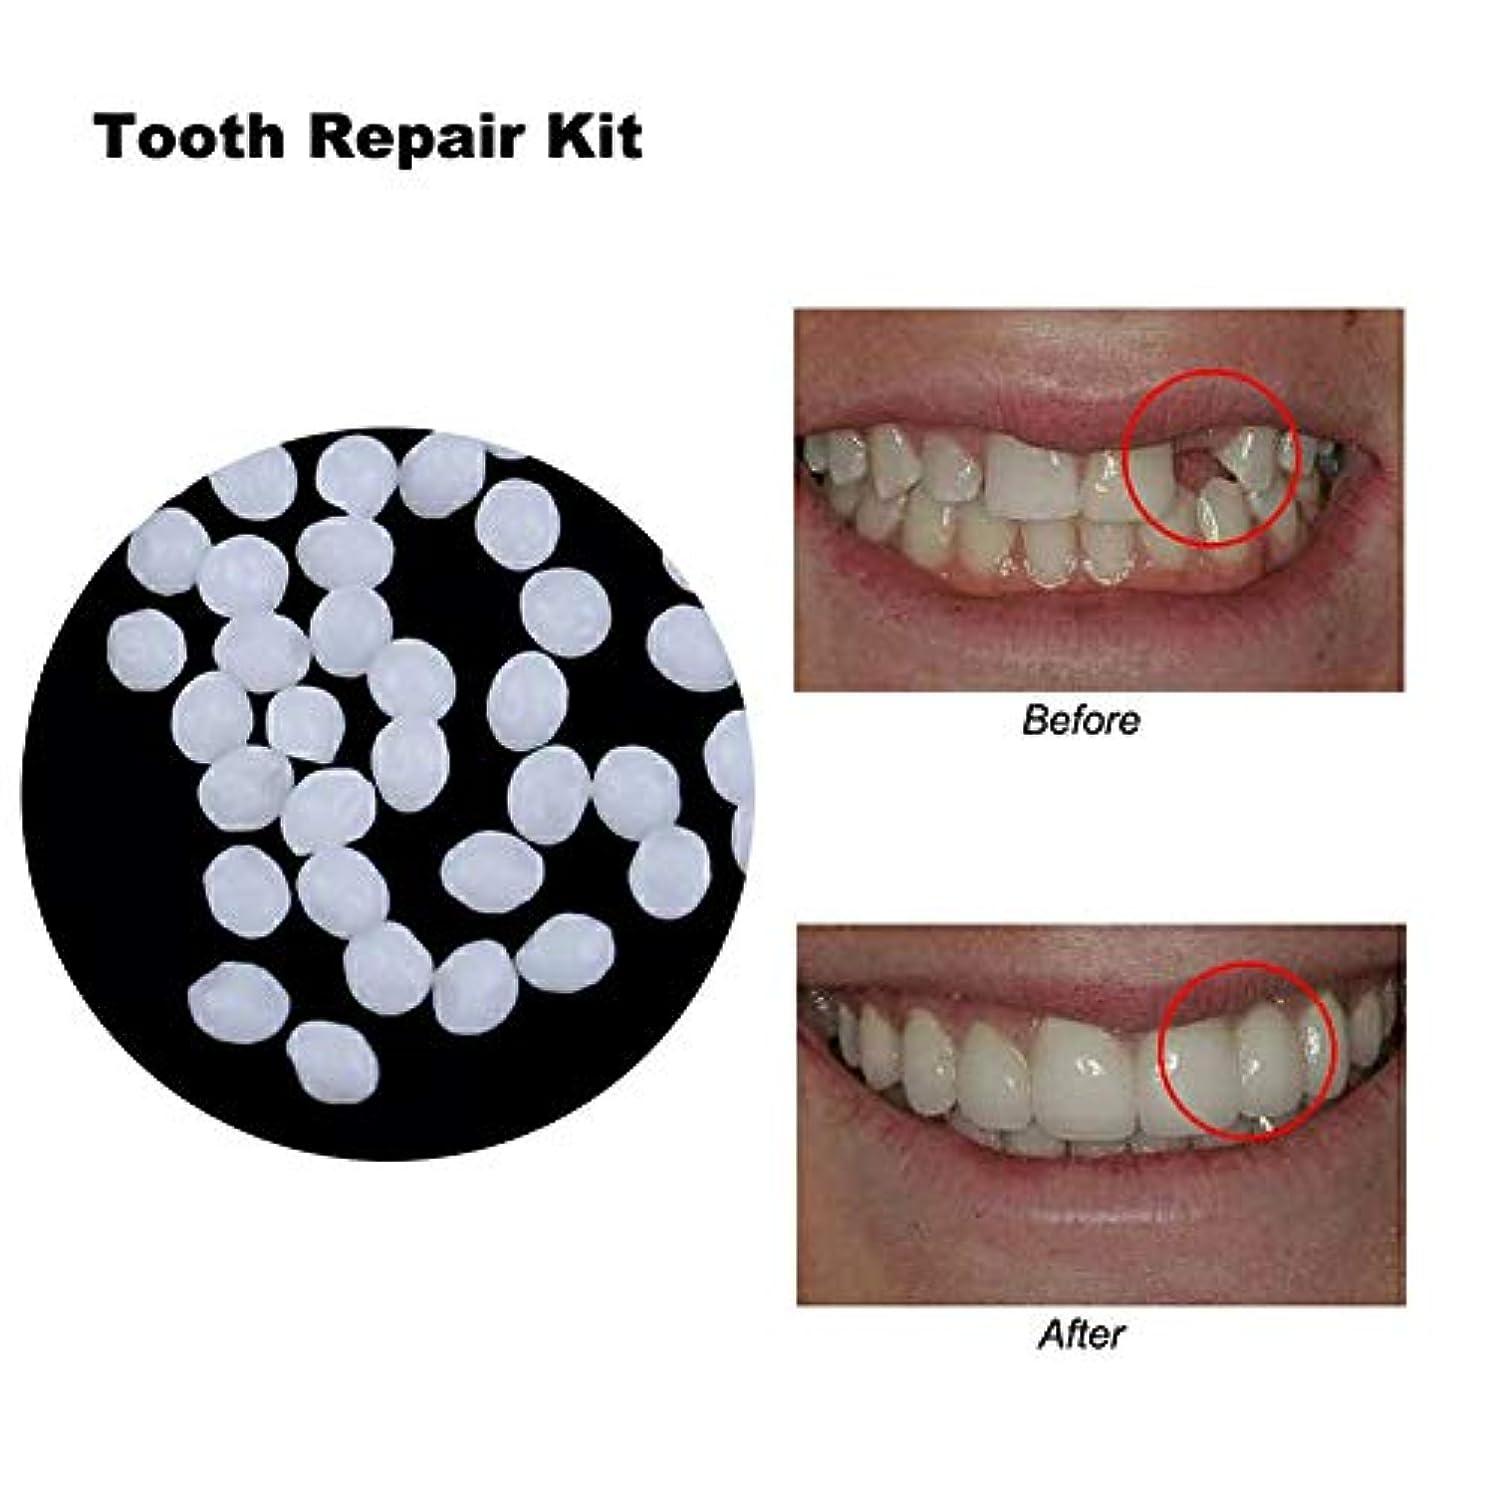 占めるカロリーイタリック偽歯固体接着剤、樹脂の歯とギャップのための一時的な化粧品の歯の修復キットクリエイティブ義歯接着剤,10ml14g